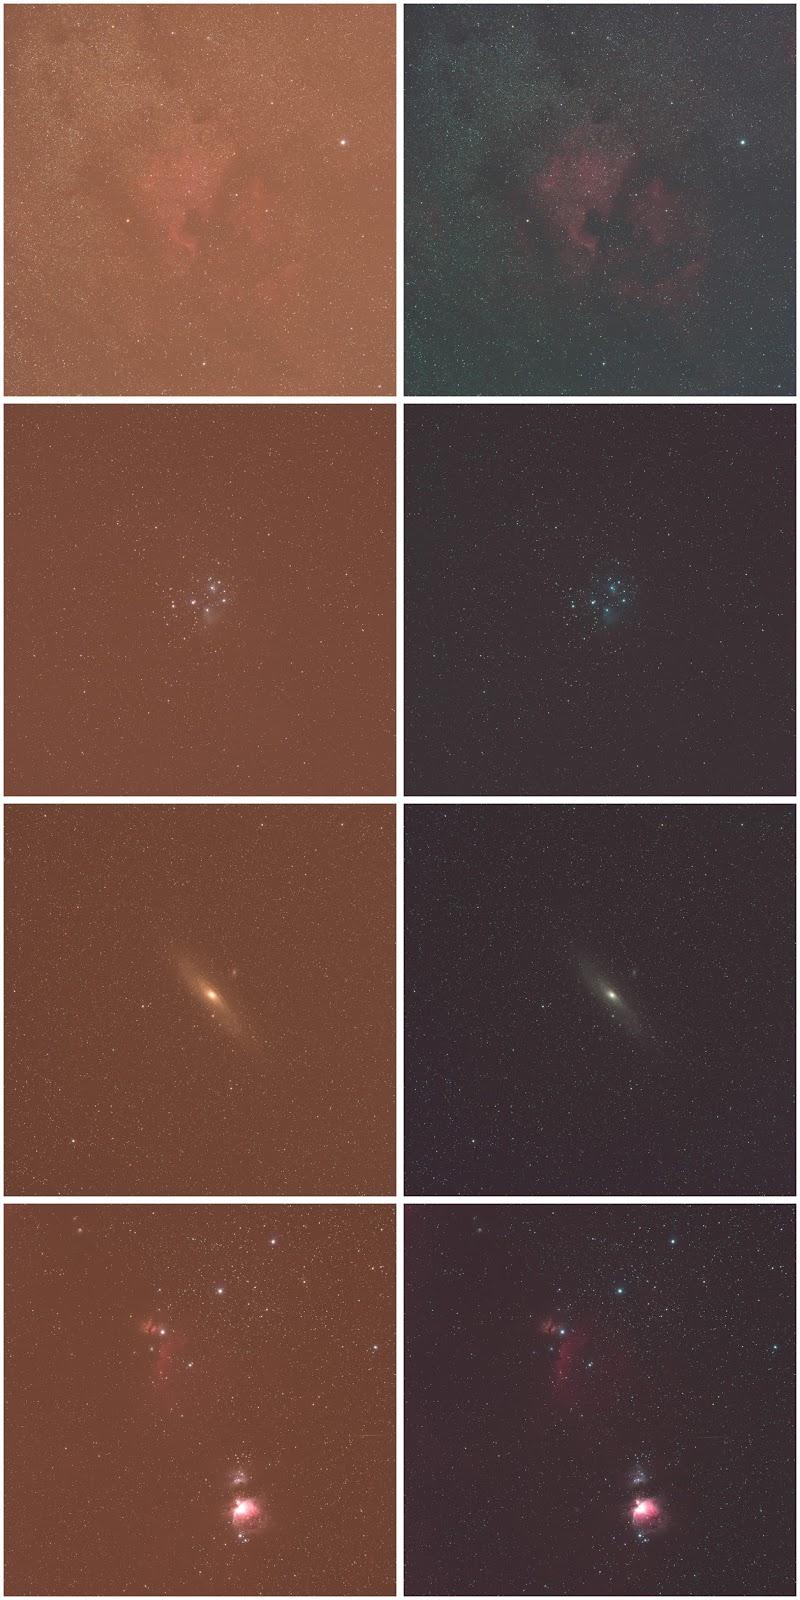 light-pollution-clip-on-filter-for-full-frame-nikon-dslr-cameras-comparison